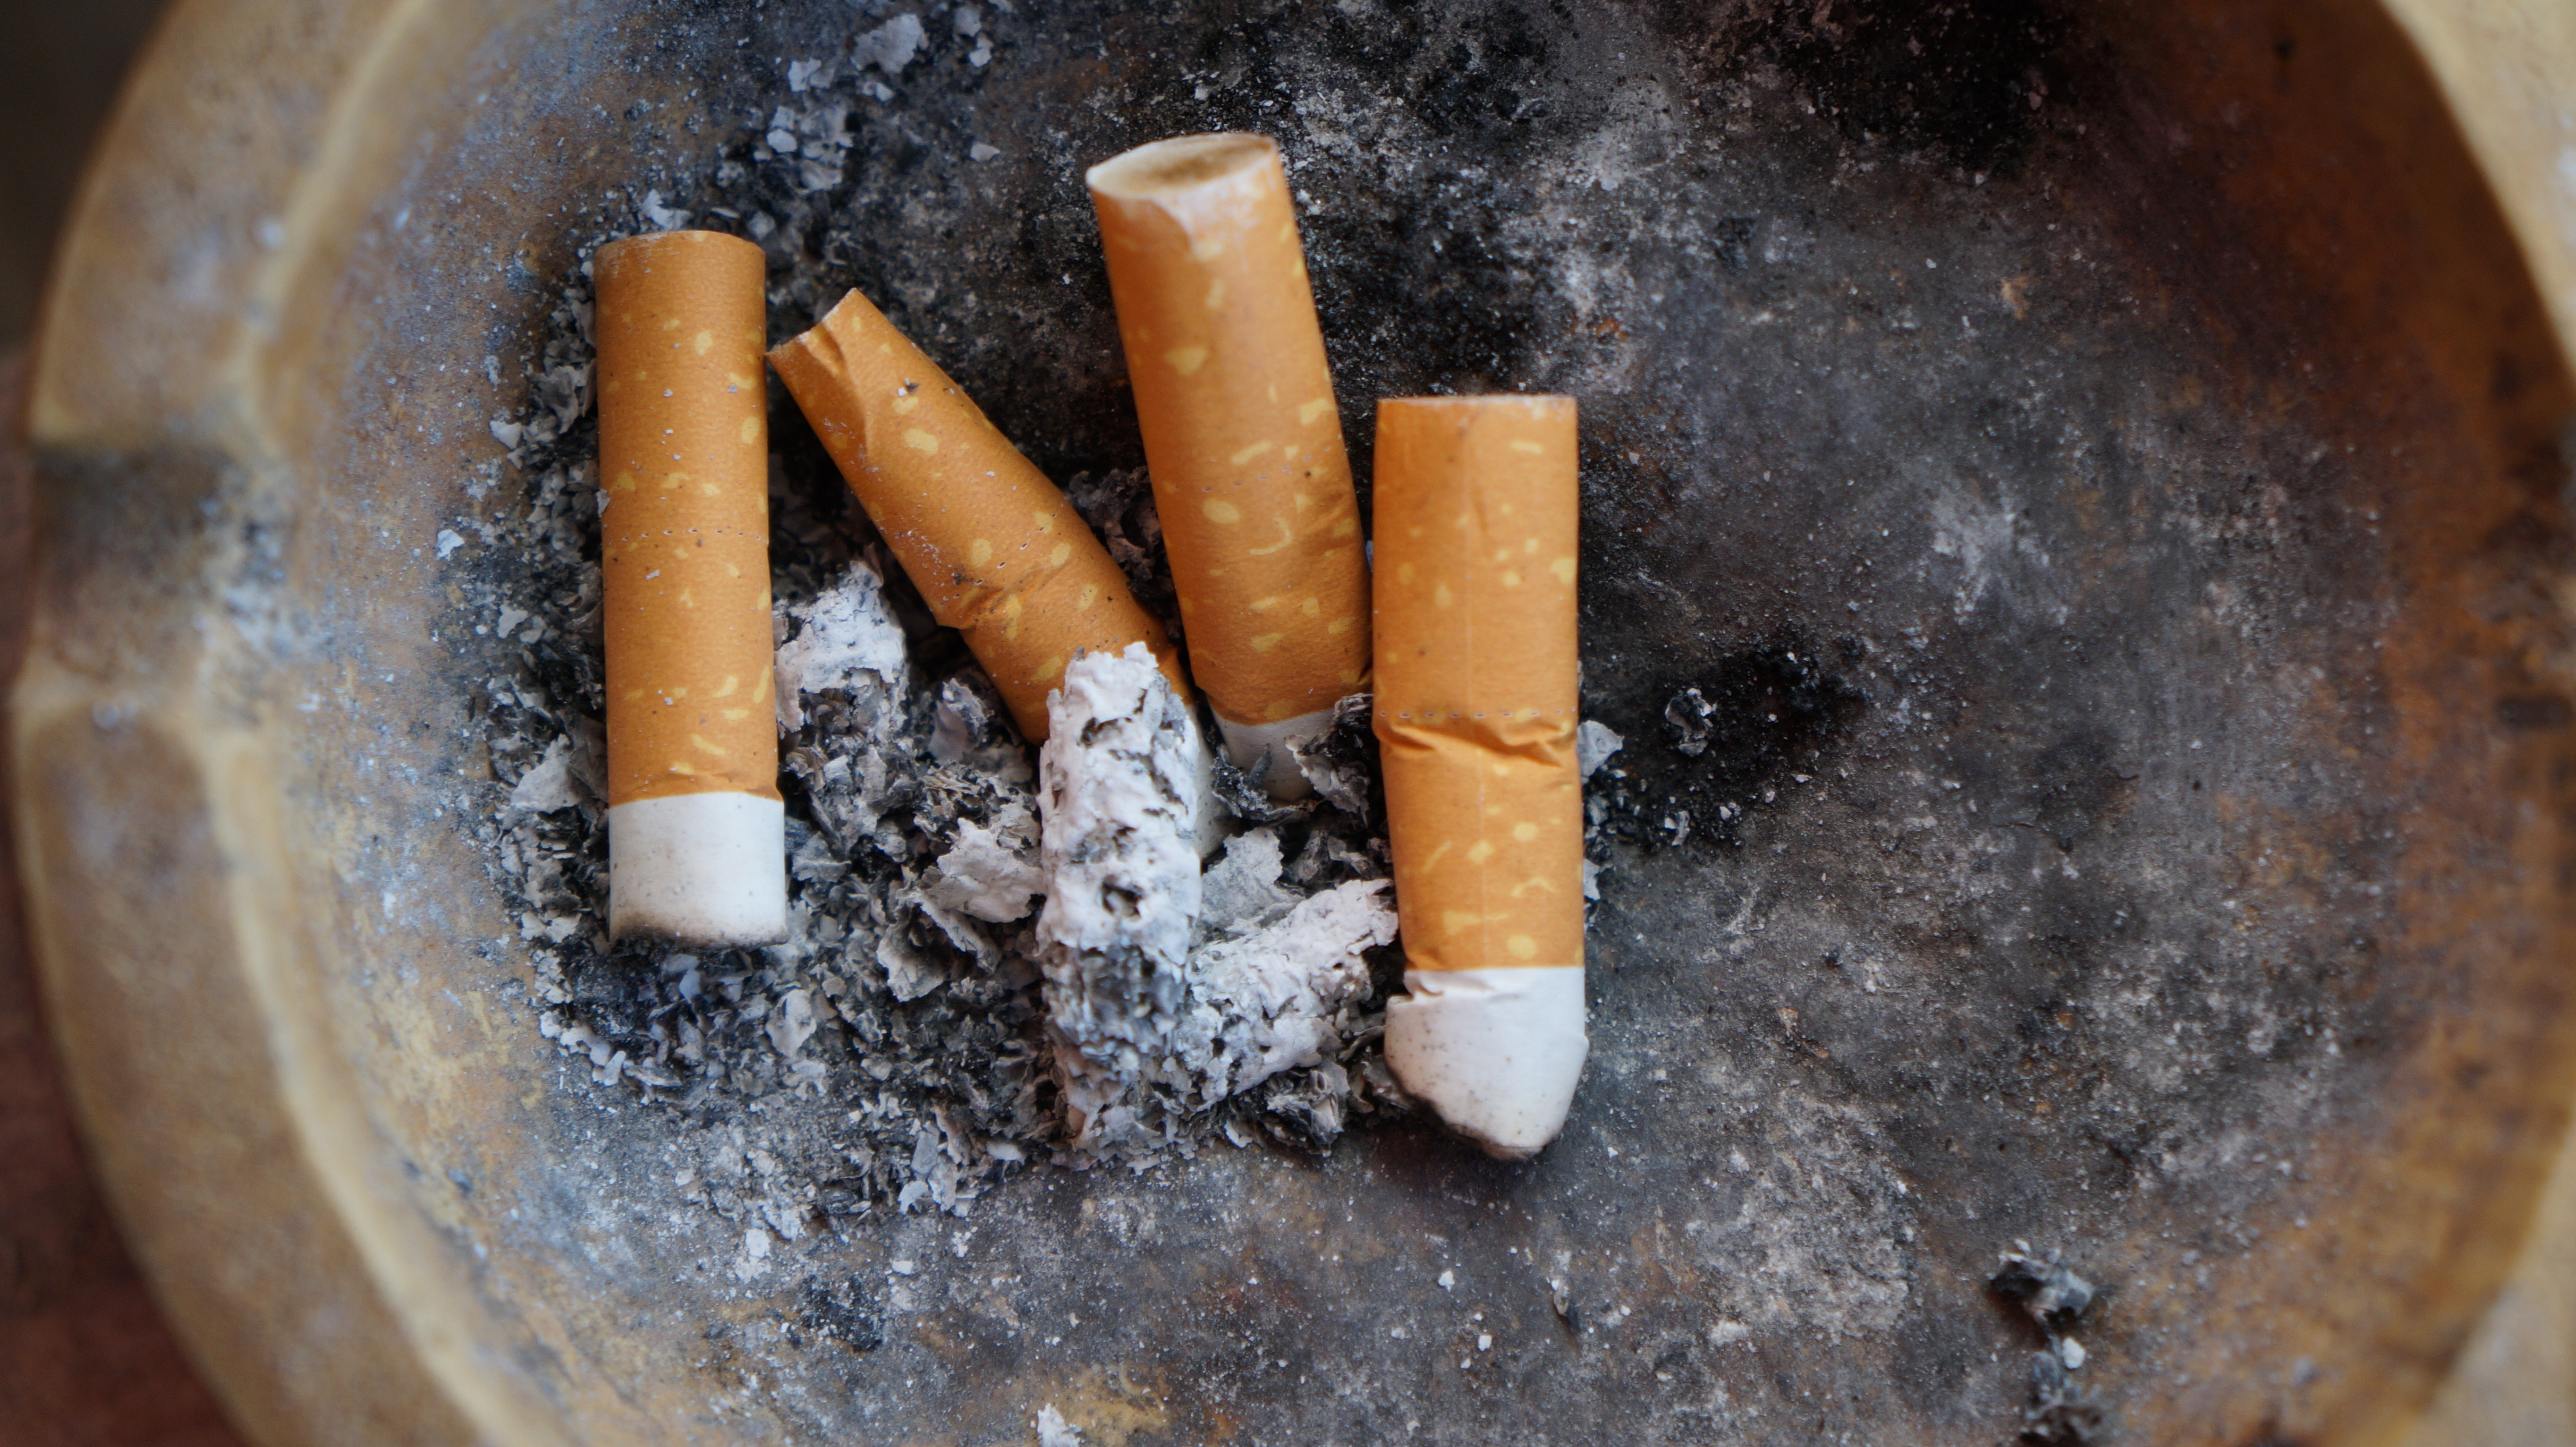 Arrêtez de fumer!